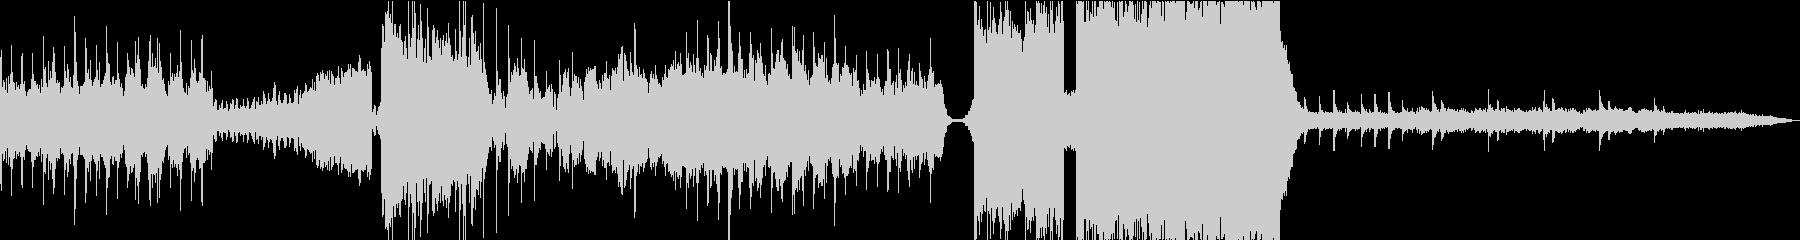 光の放射をイメージしたカラフルな曲の未再生の波形